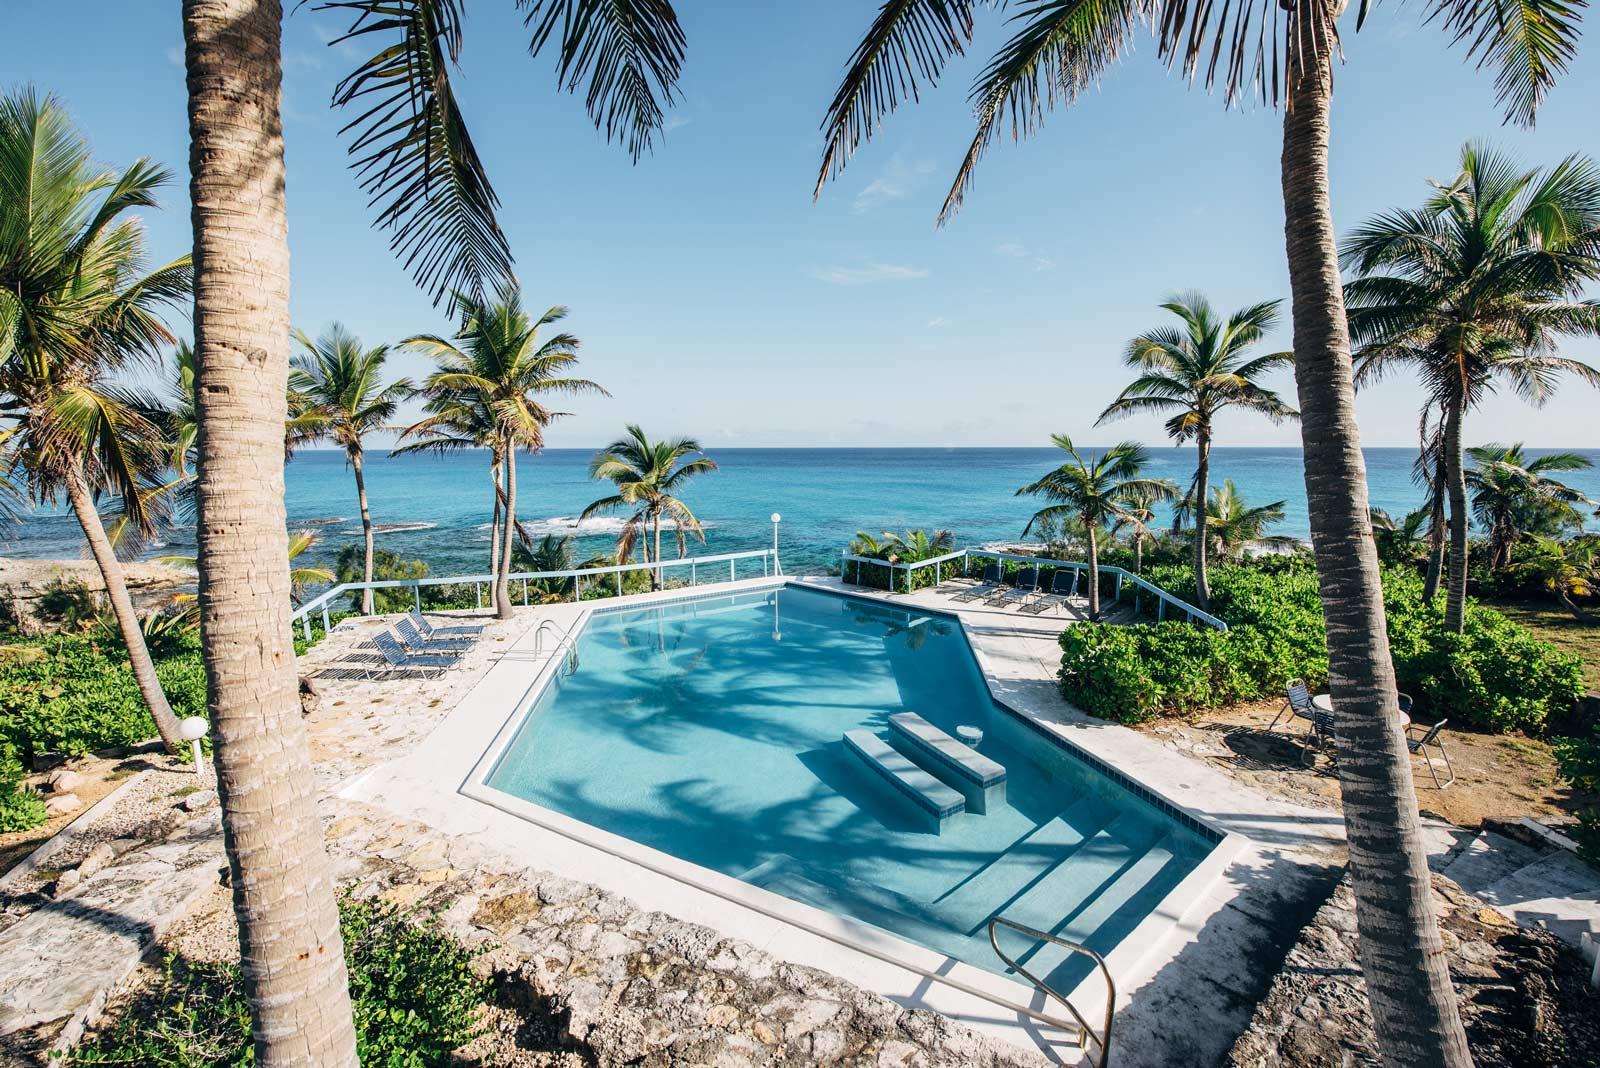 Stella Maris Resort, Long Island, Bahamas